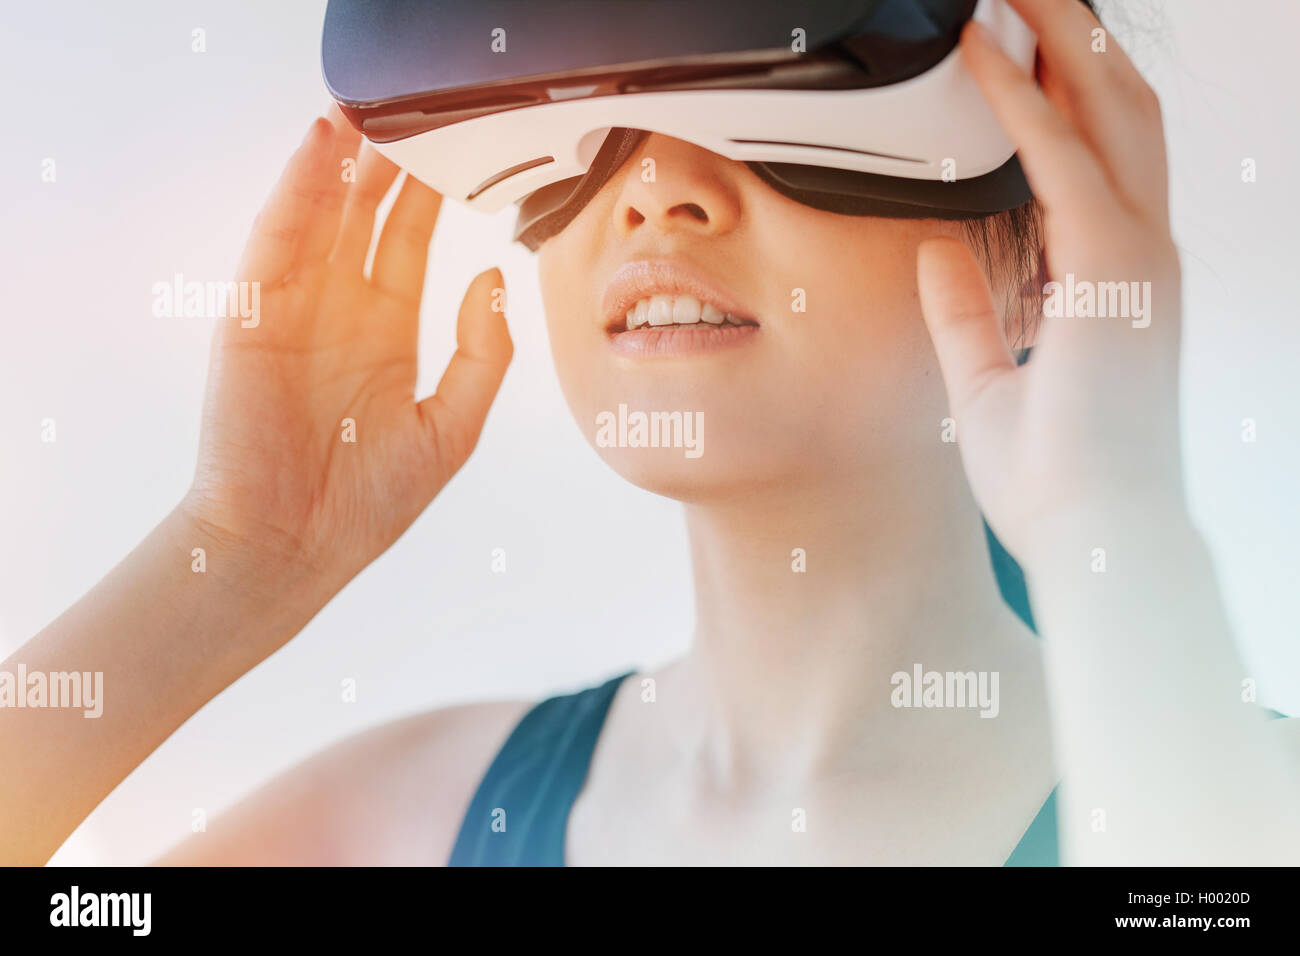 Immagine ravvicinata di donna asiatica utilizzando la realtà virtuale auricolare e guardando lontano. Donna Immagini Stock